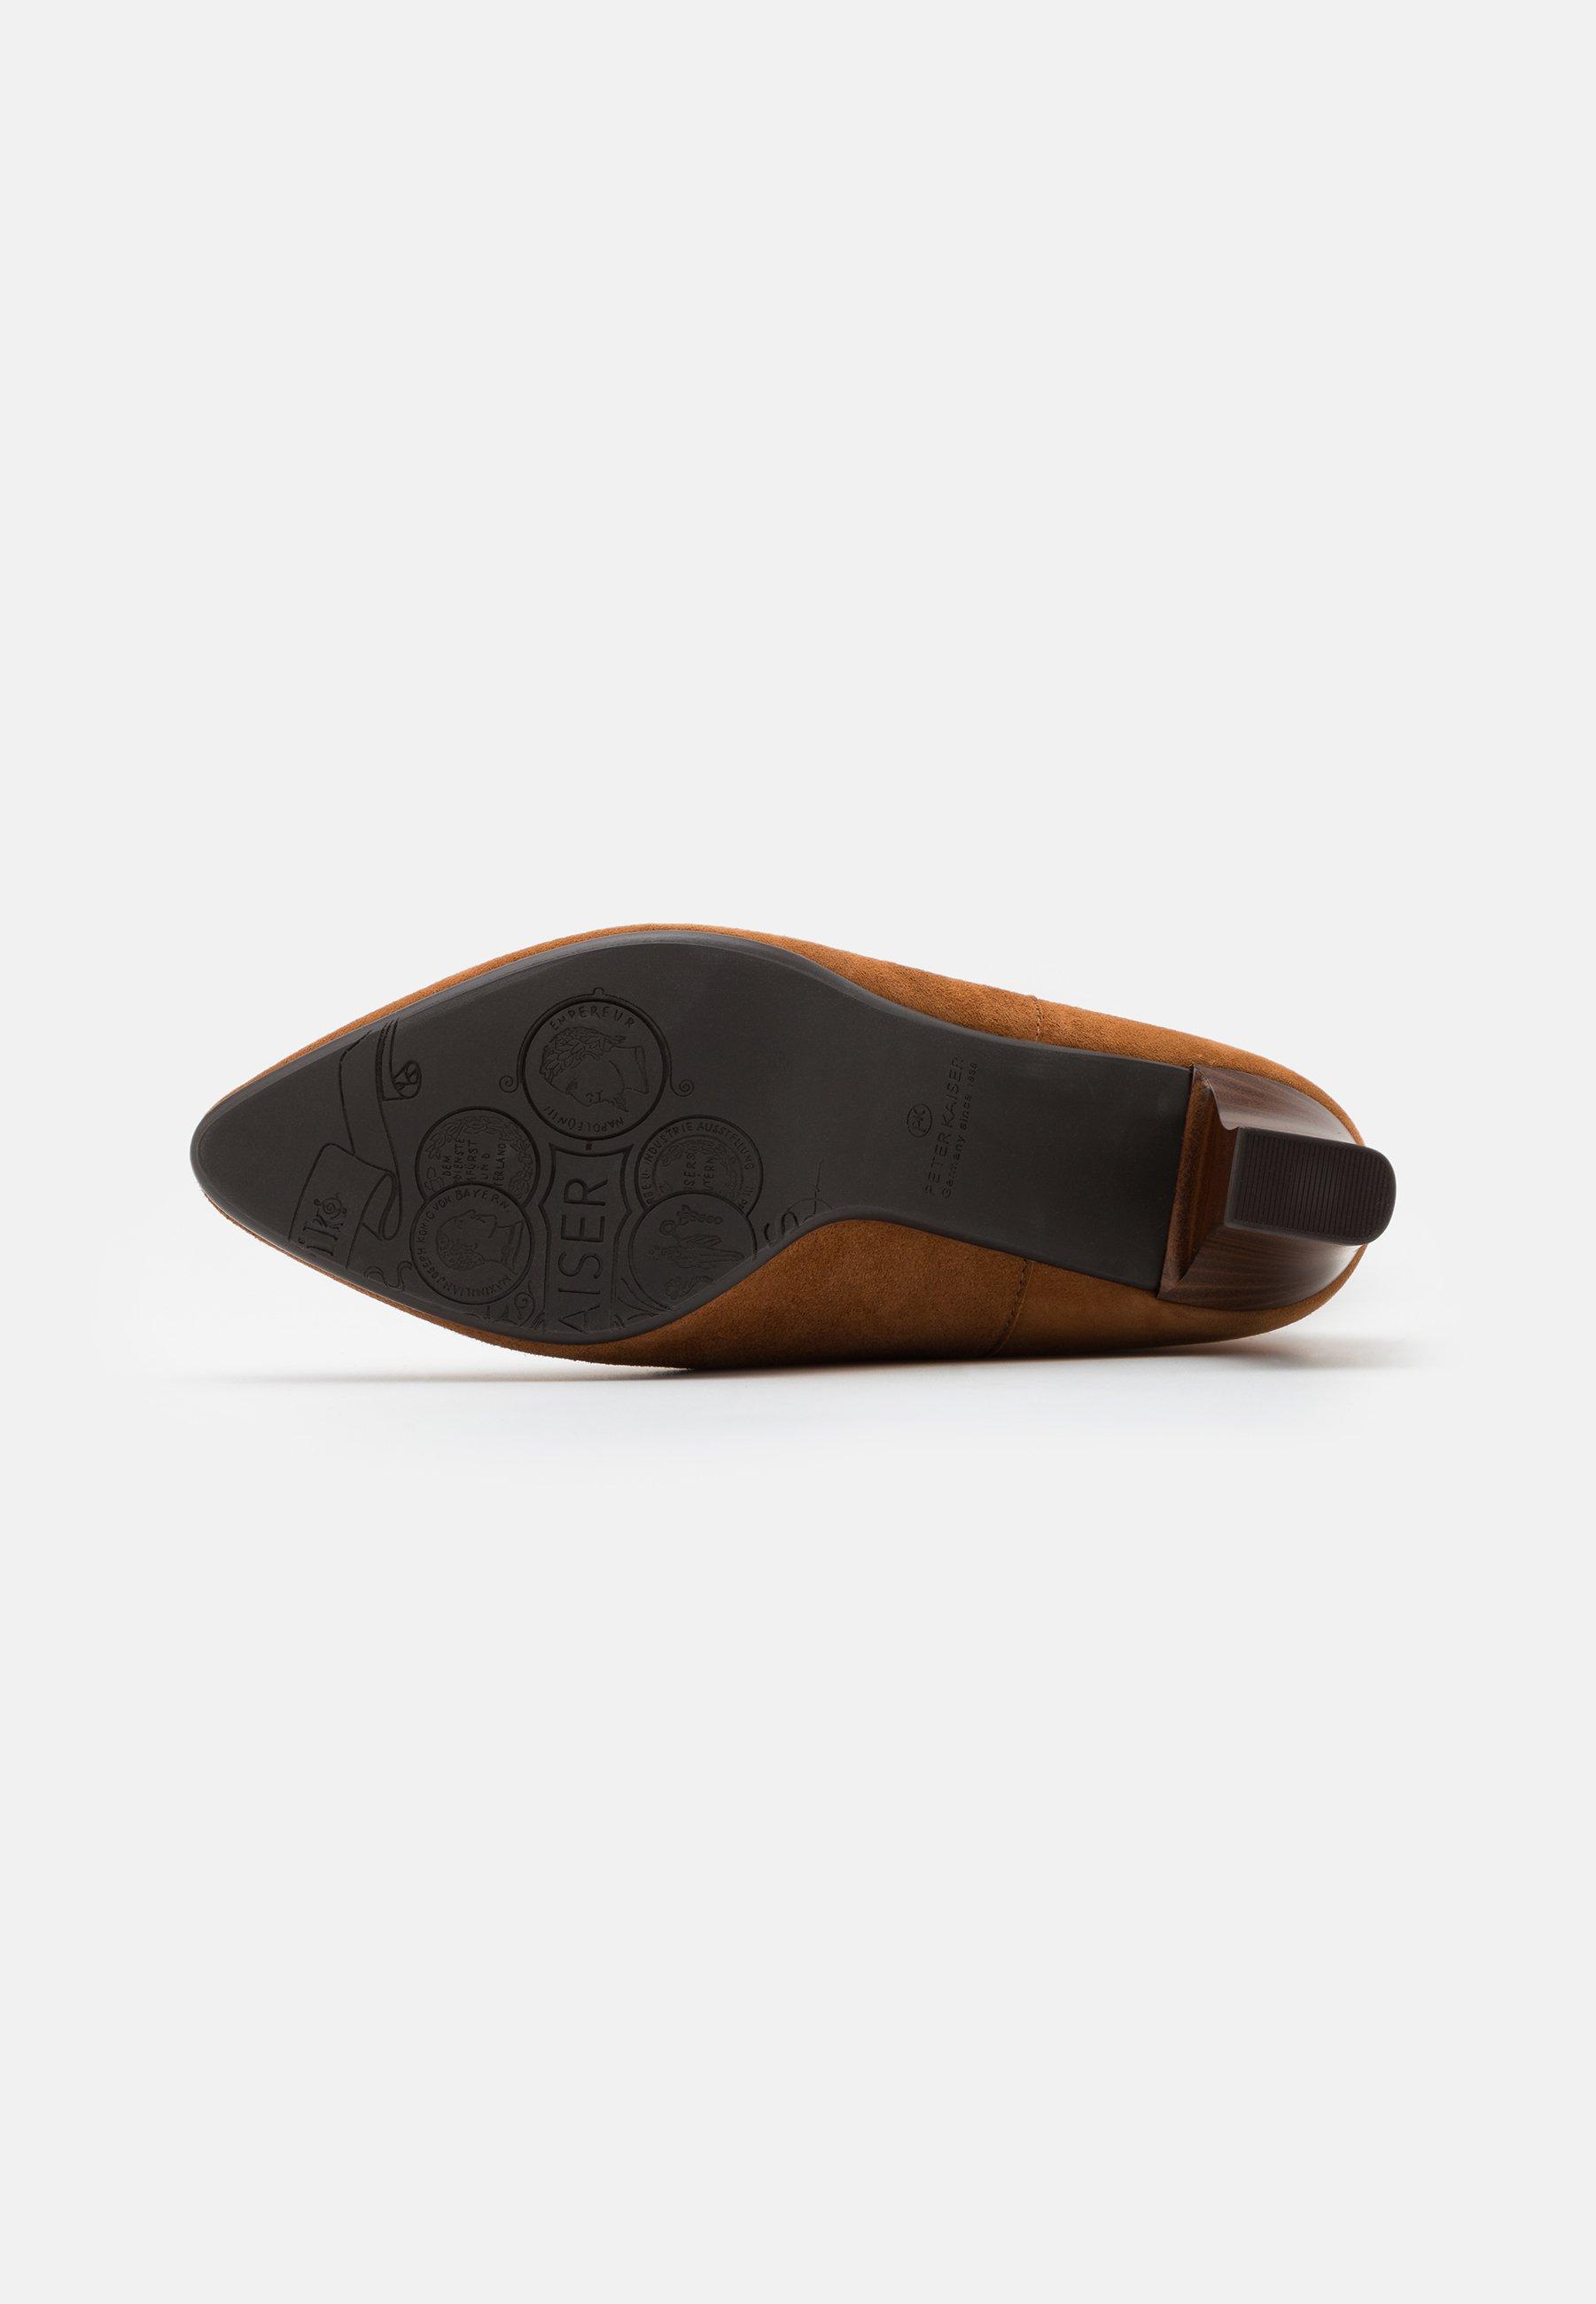 Peter Kaiser Monja - Stiefel Peanut/cognac